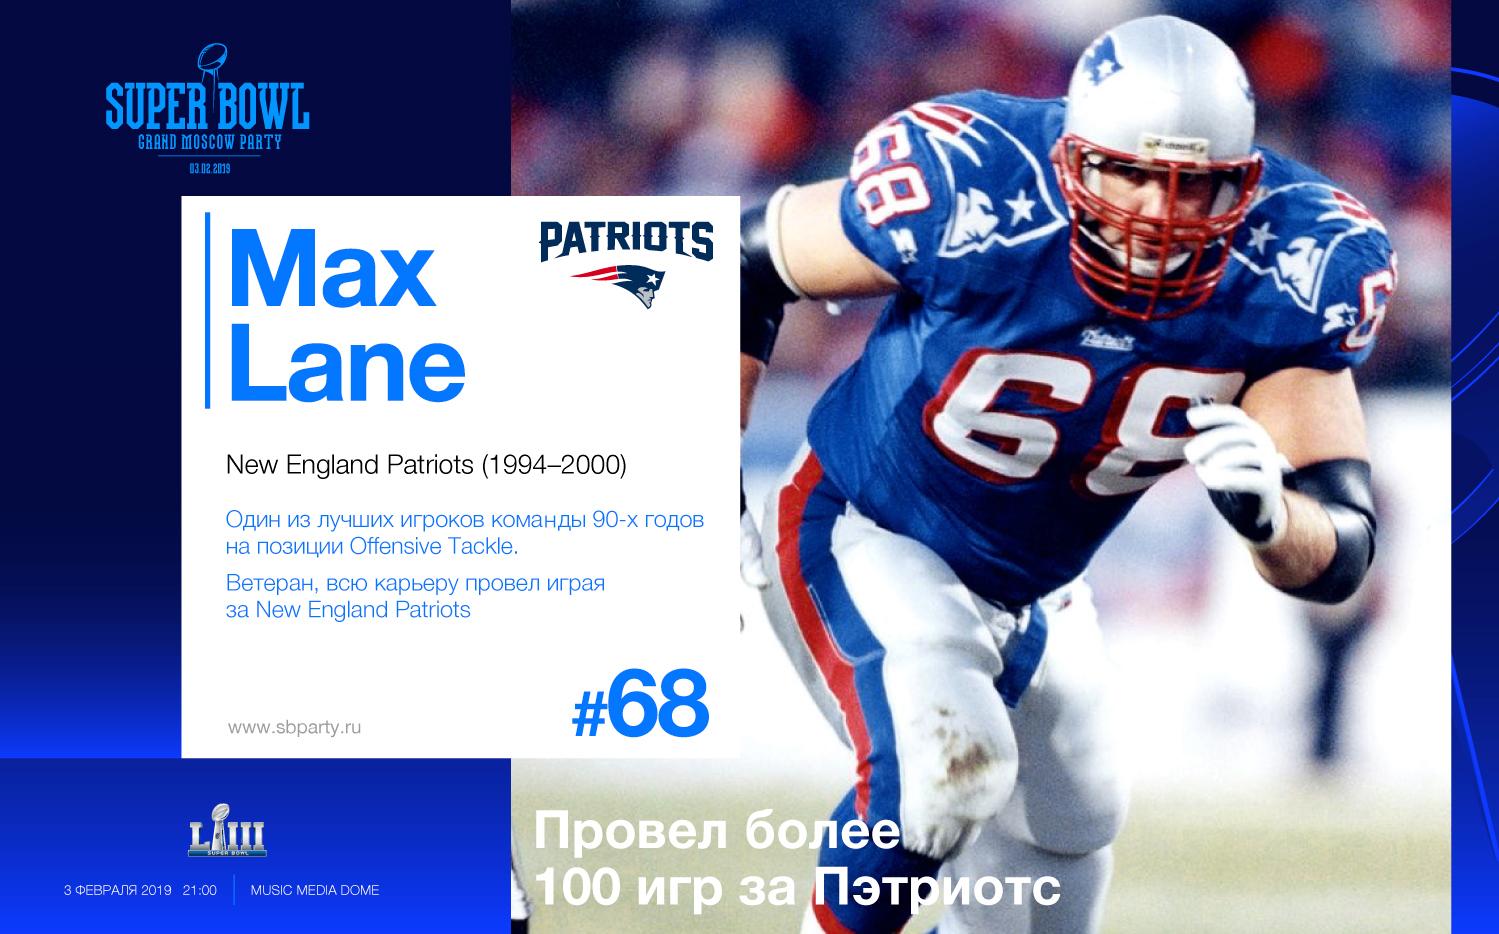 Max-Lane-01.jpg